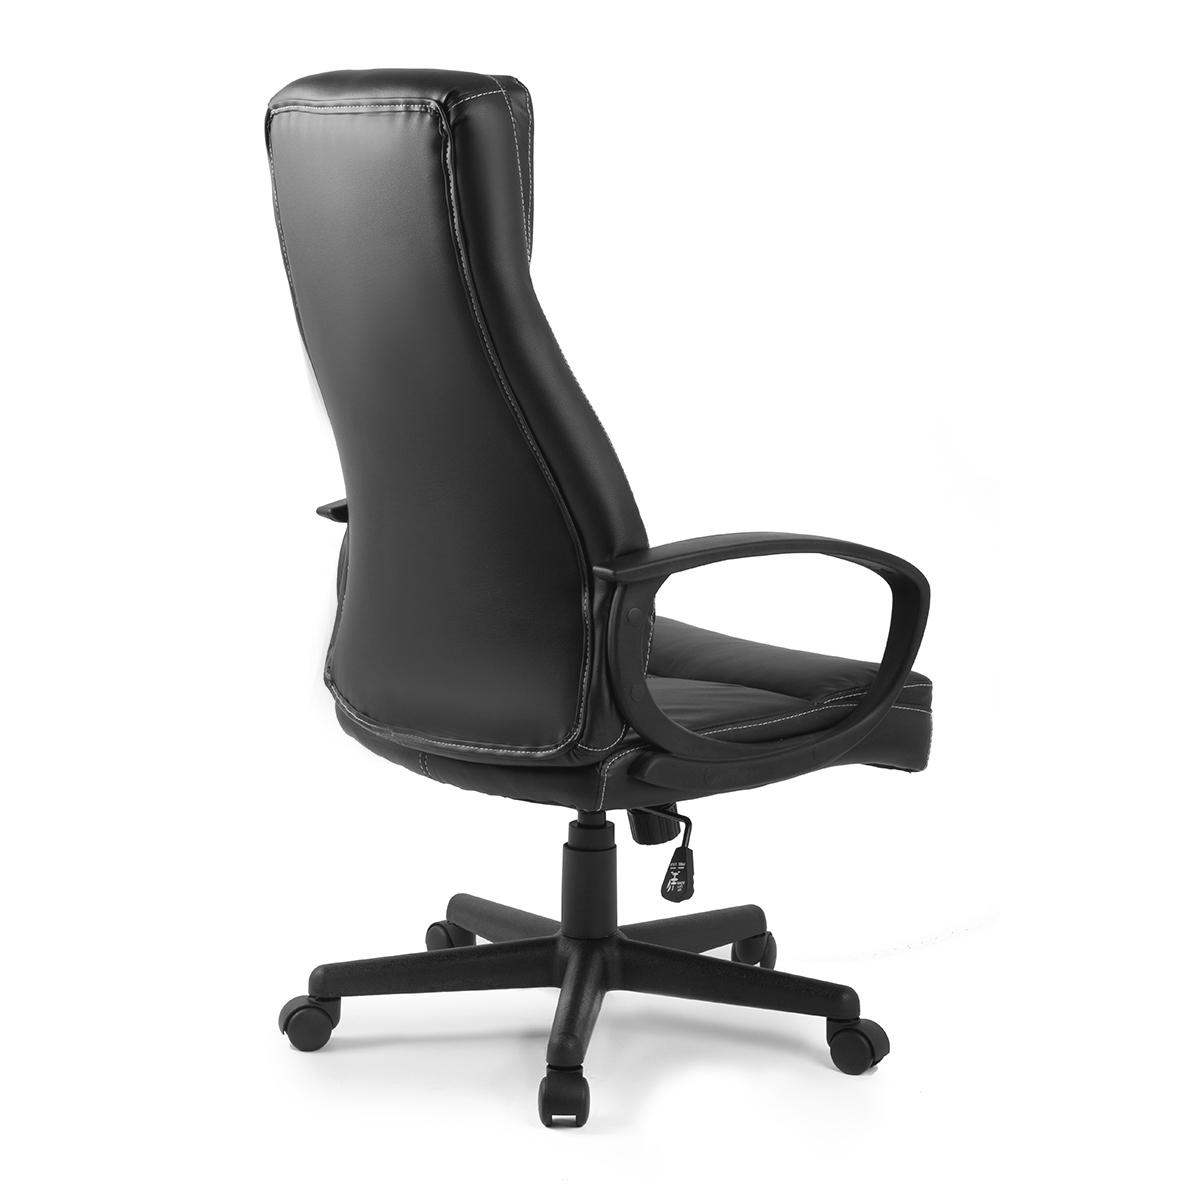 Sedia ufficio rotante poltrona direzionale da ecologiche for Poltrona design ebay